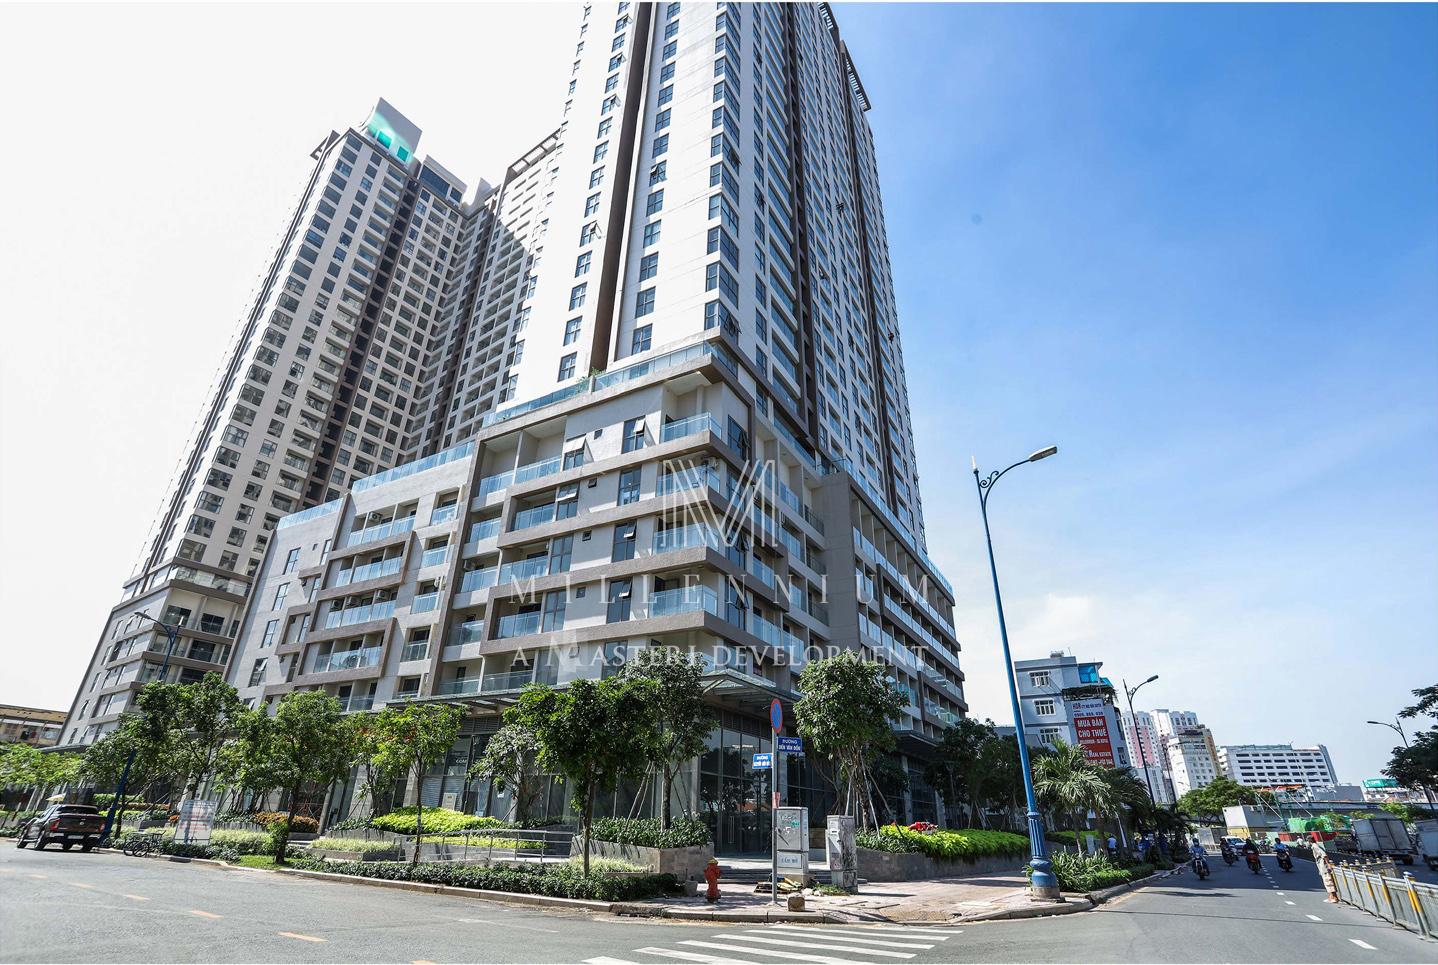 Cho thuê căn hộ One 18 Ngọc Lâm căn hộ trung tâm thiết kế đẹp